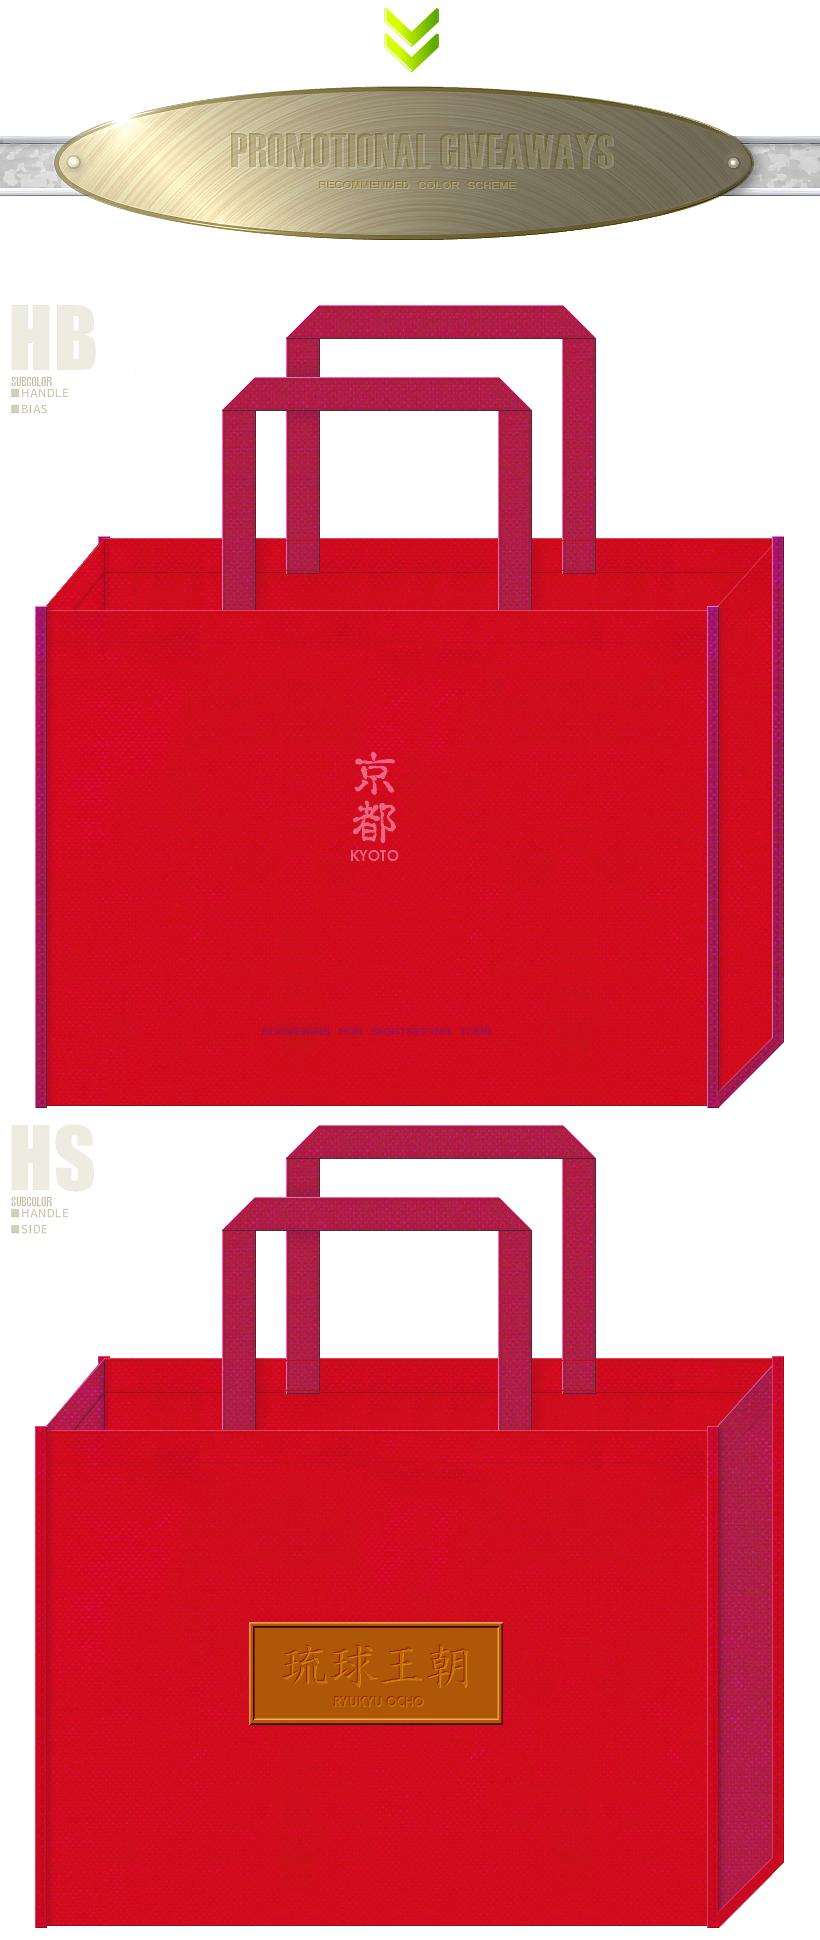 紅色と濃いピンク色の不織布バッグデザイン:京都・沖縄観光のノベルティ